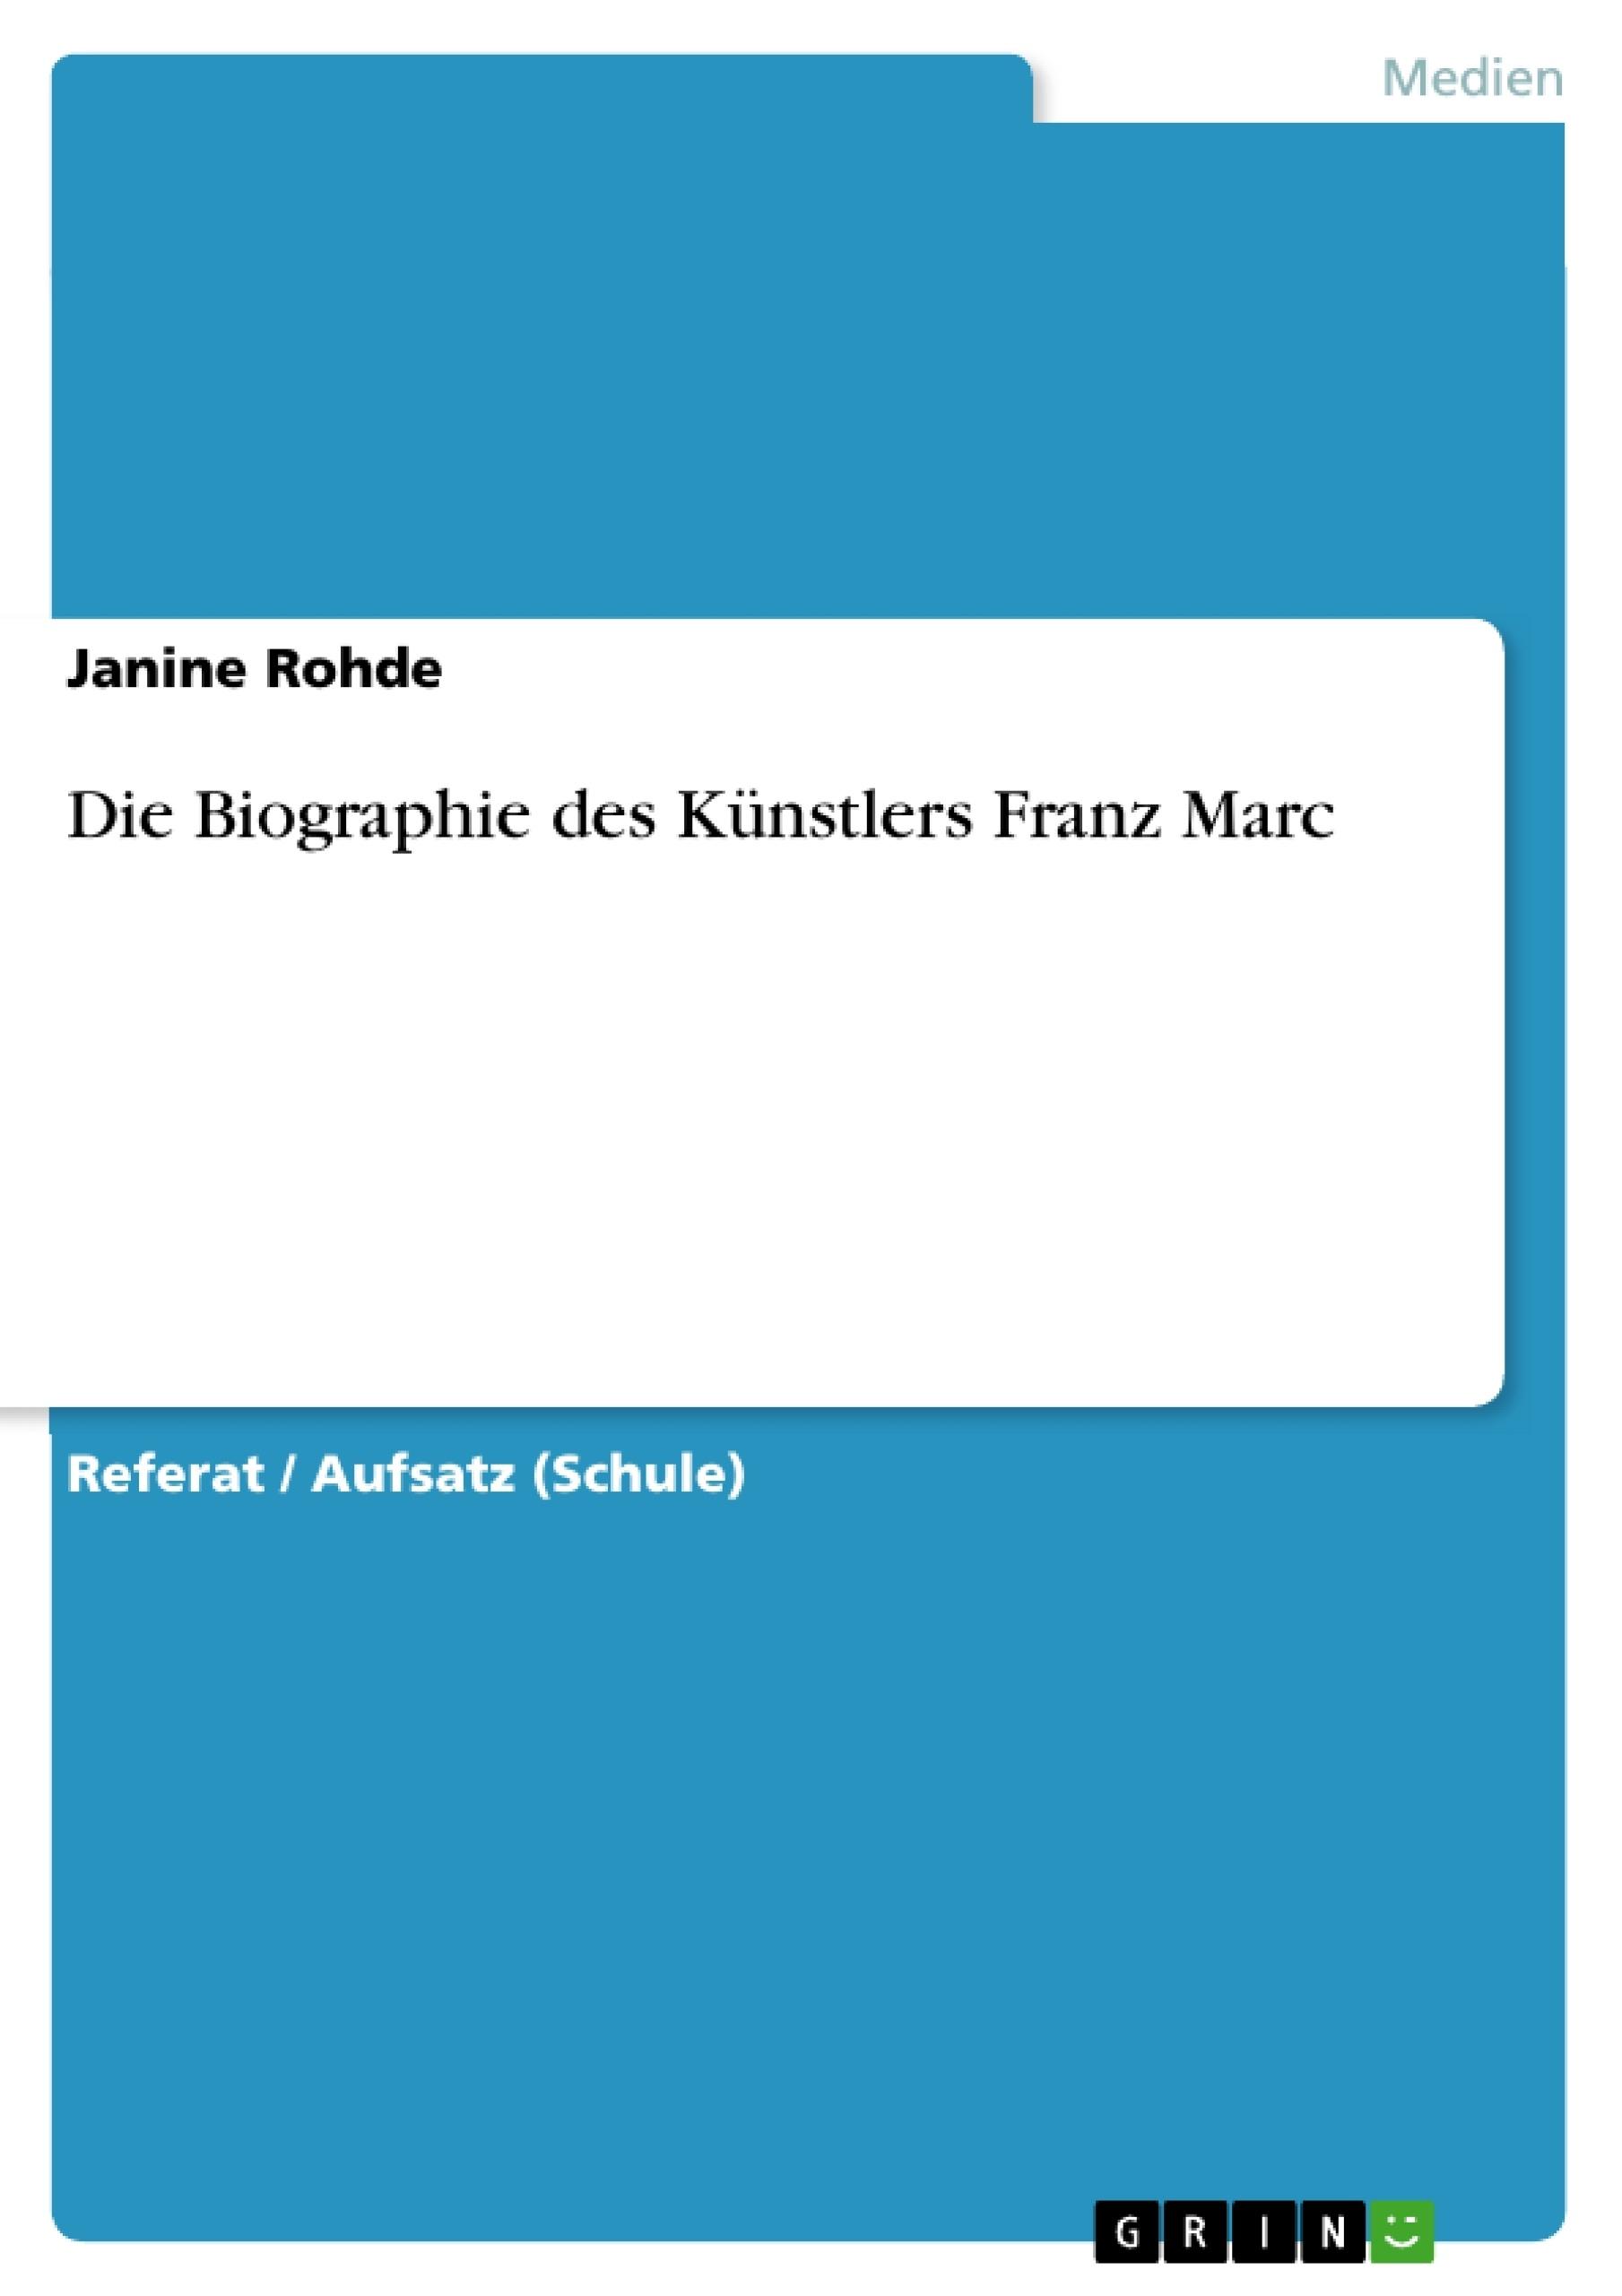 Titel: Die Biographie des Künstlers Franz Marc